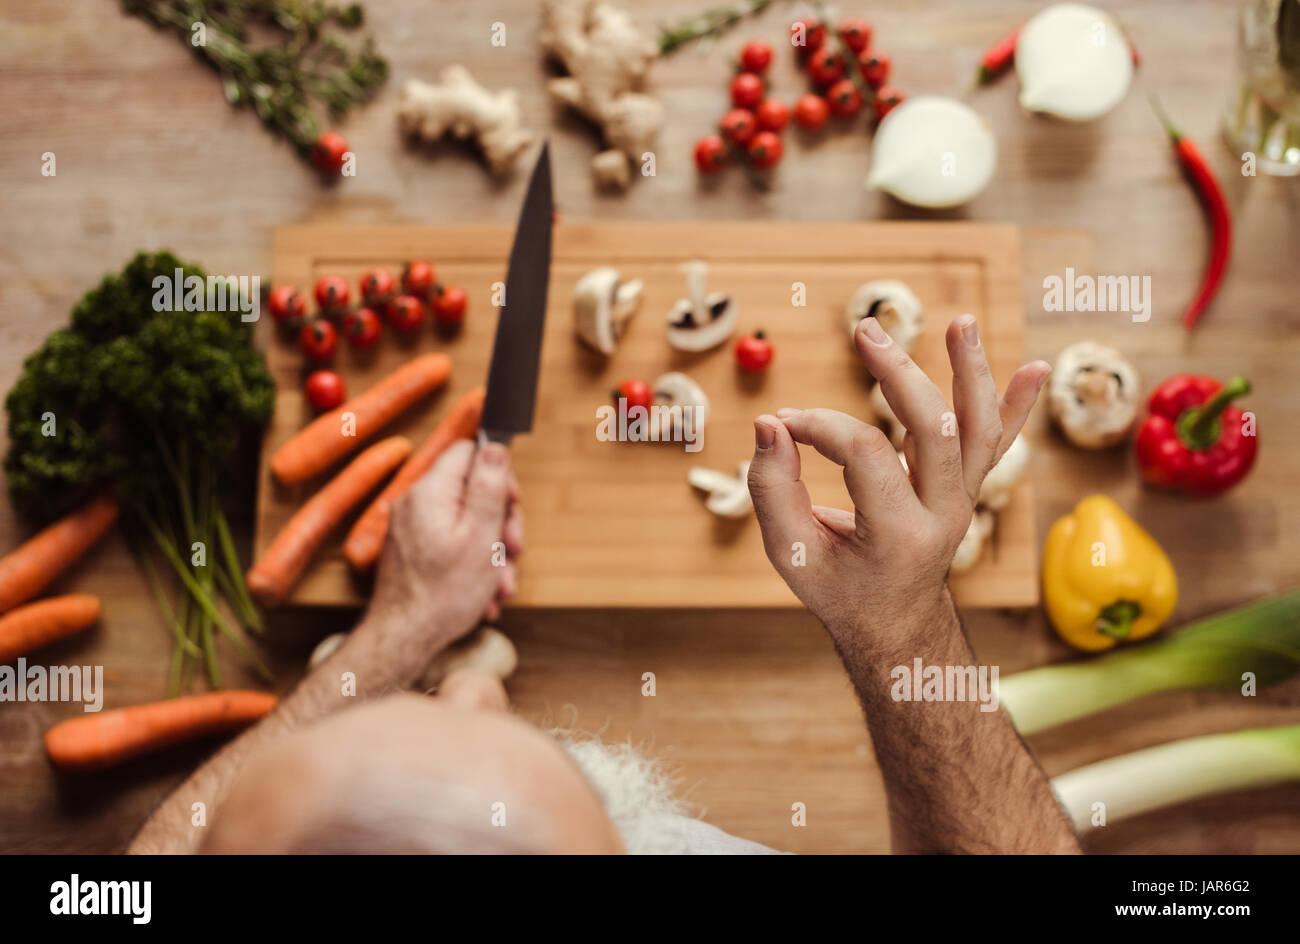 L'homme préparer la nourriture végane Photo Stock